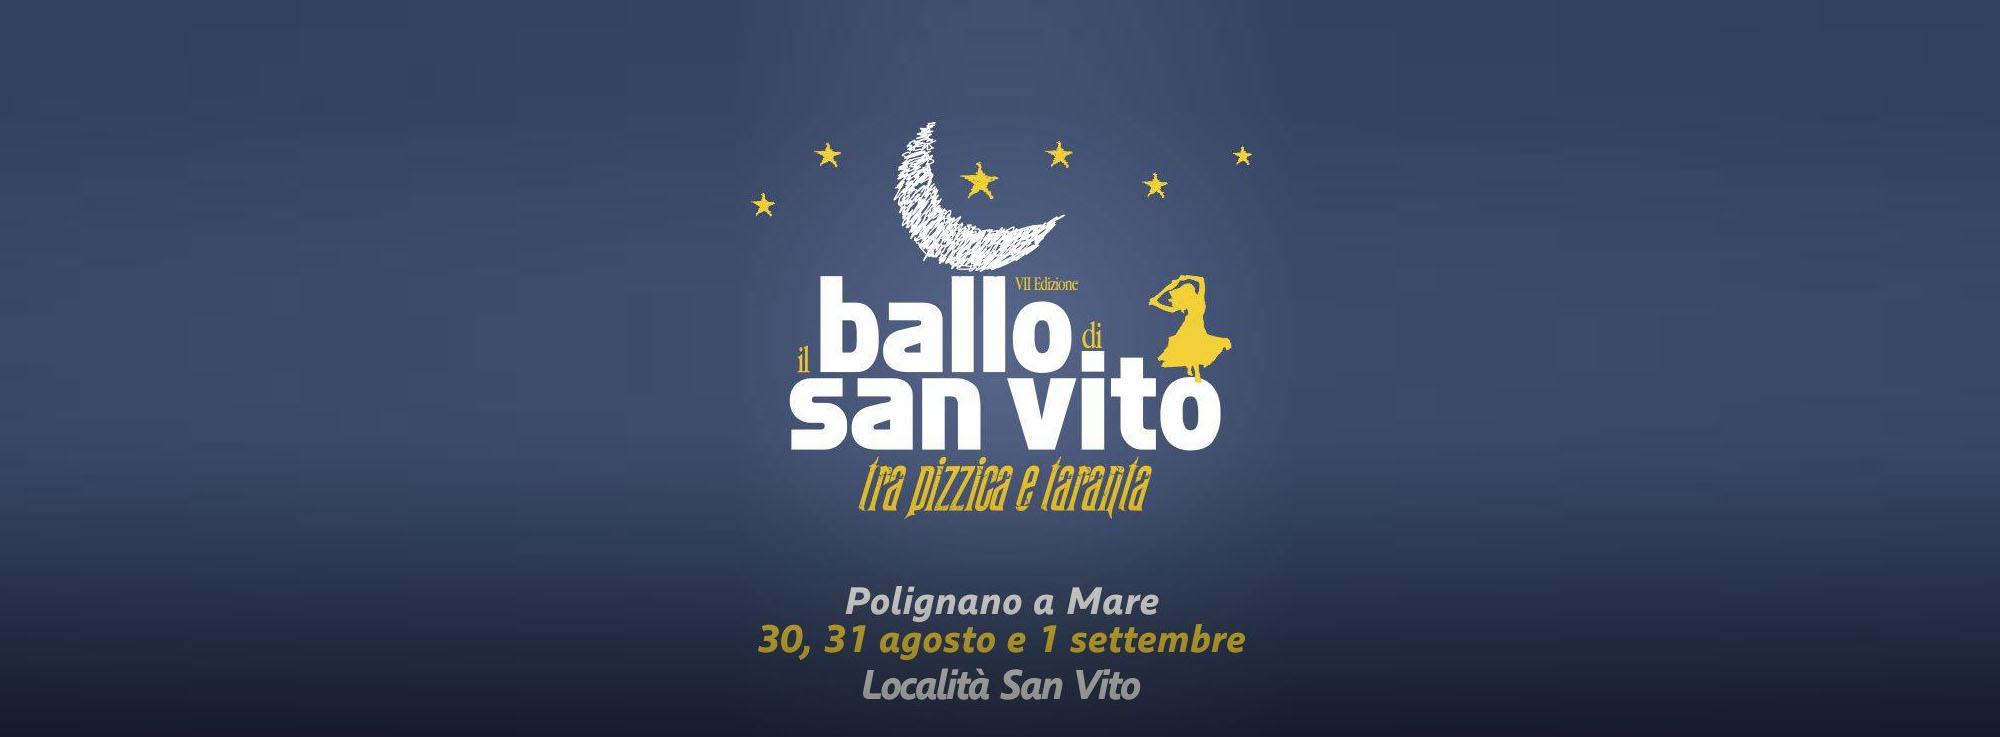 Polignano a Mare: Il Ballo di San Vito tra pizzica e taranta